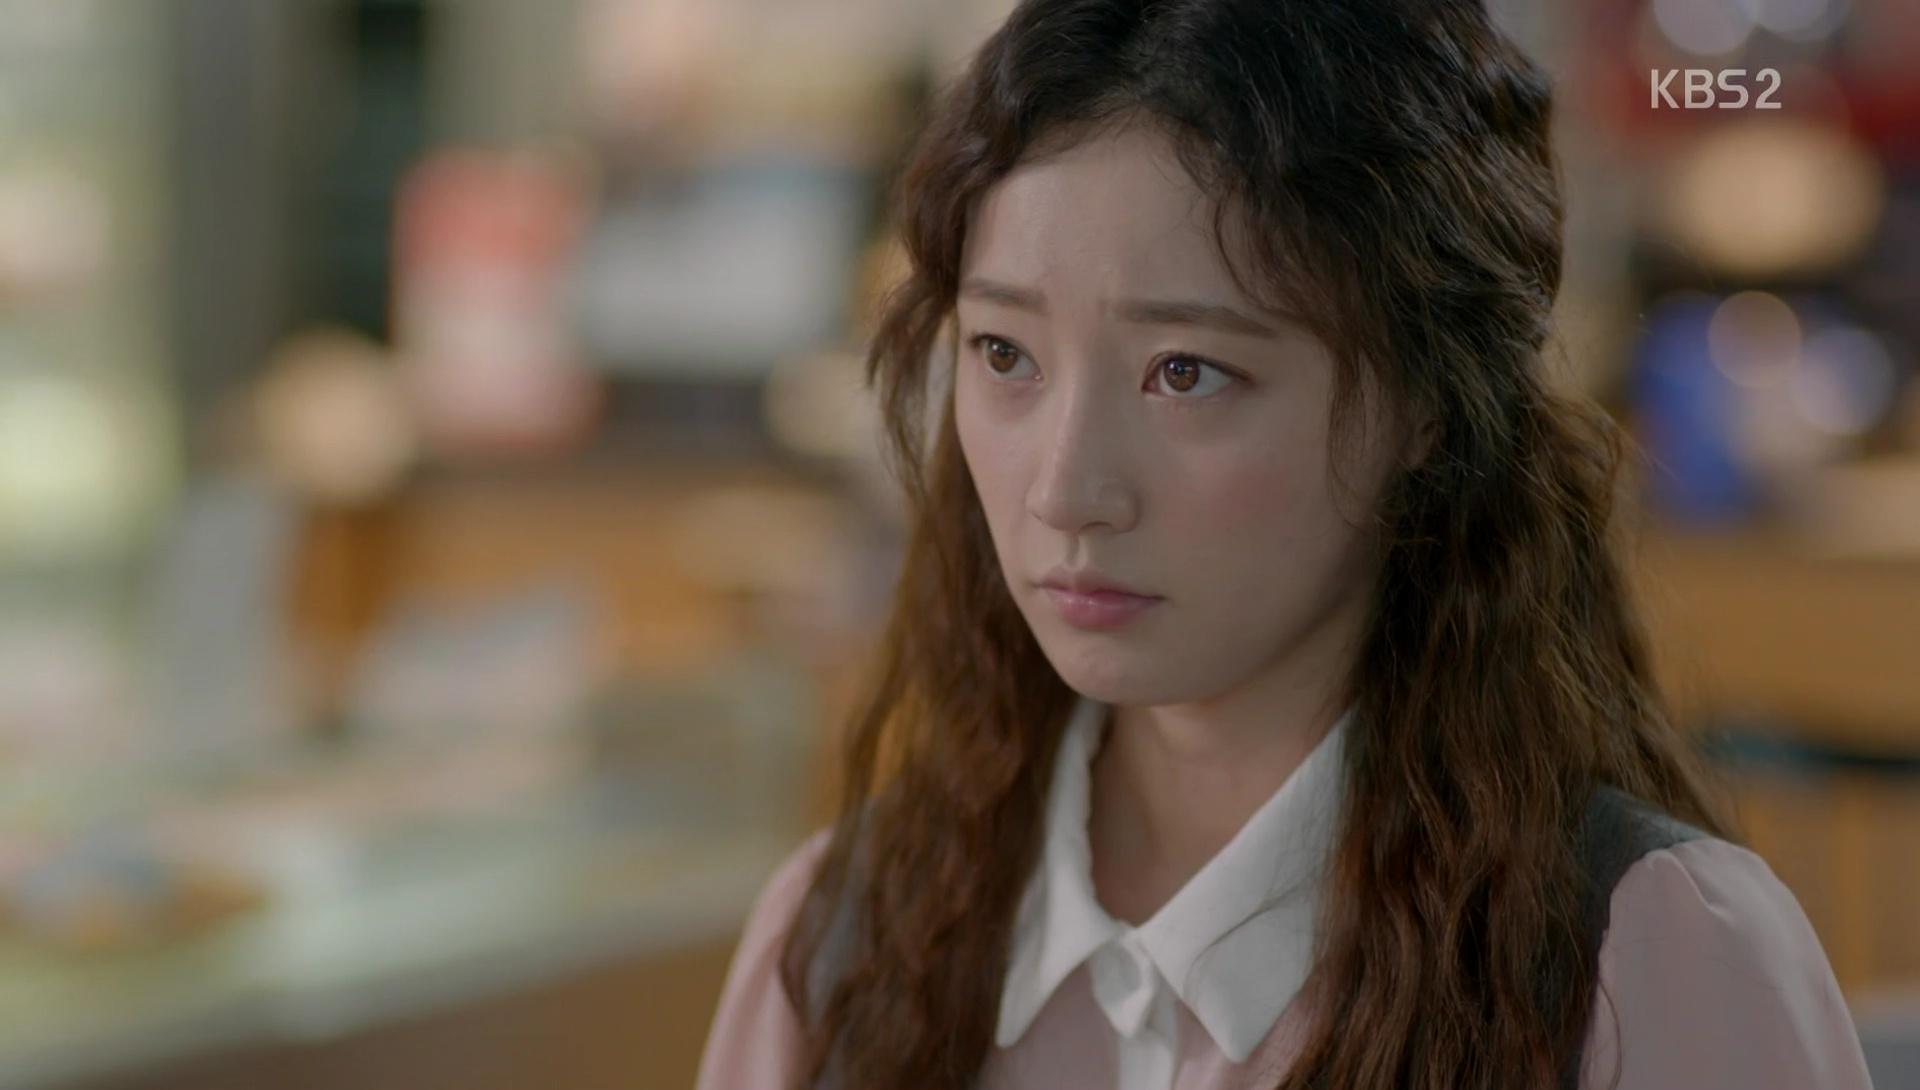 Znalezione obrazy dla zapytania fight for my way seol hee